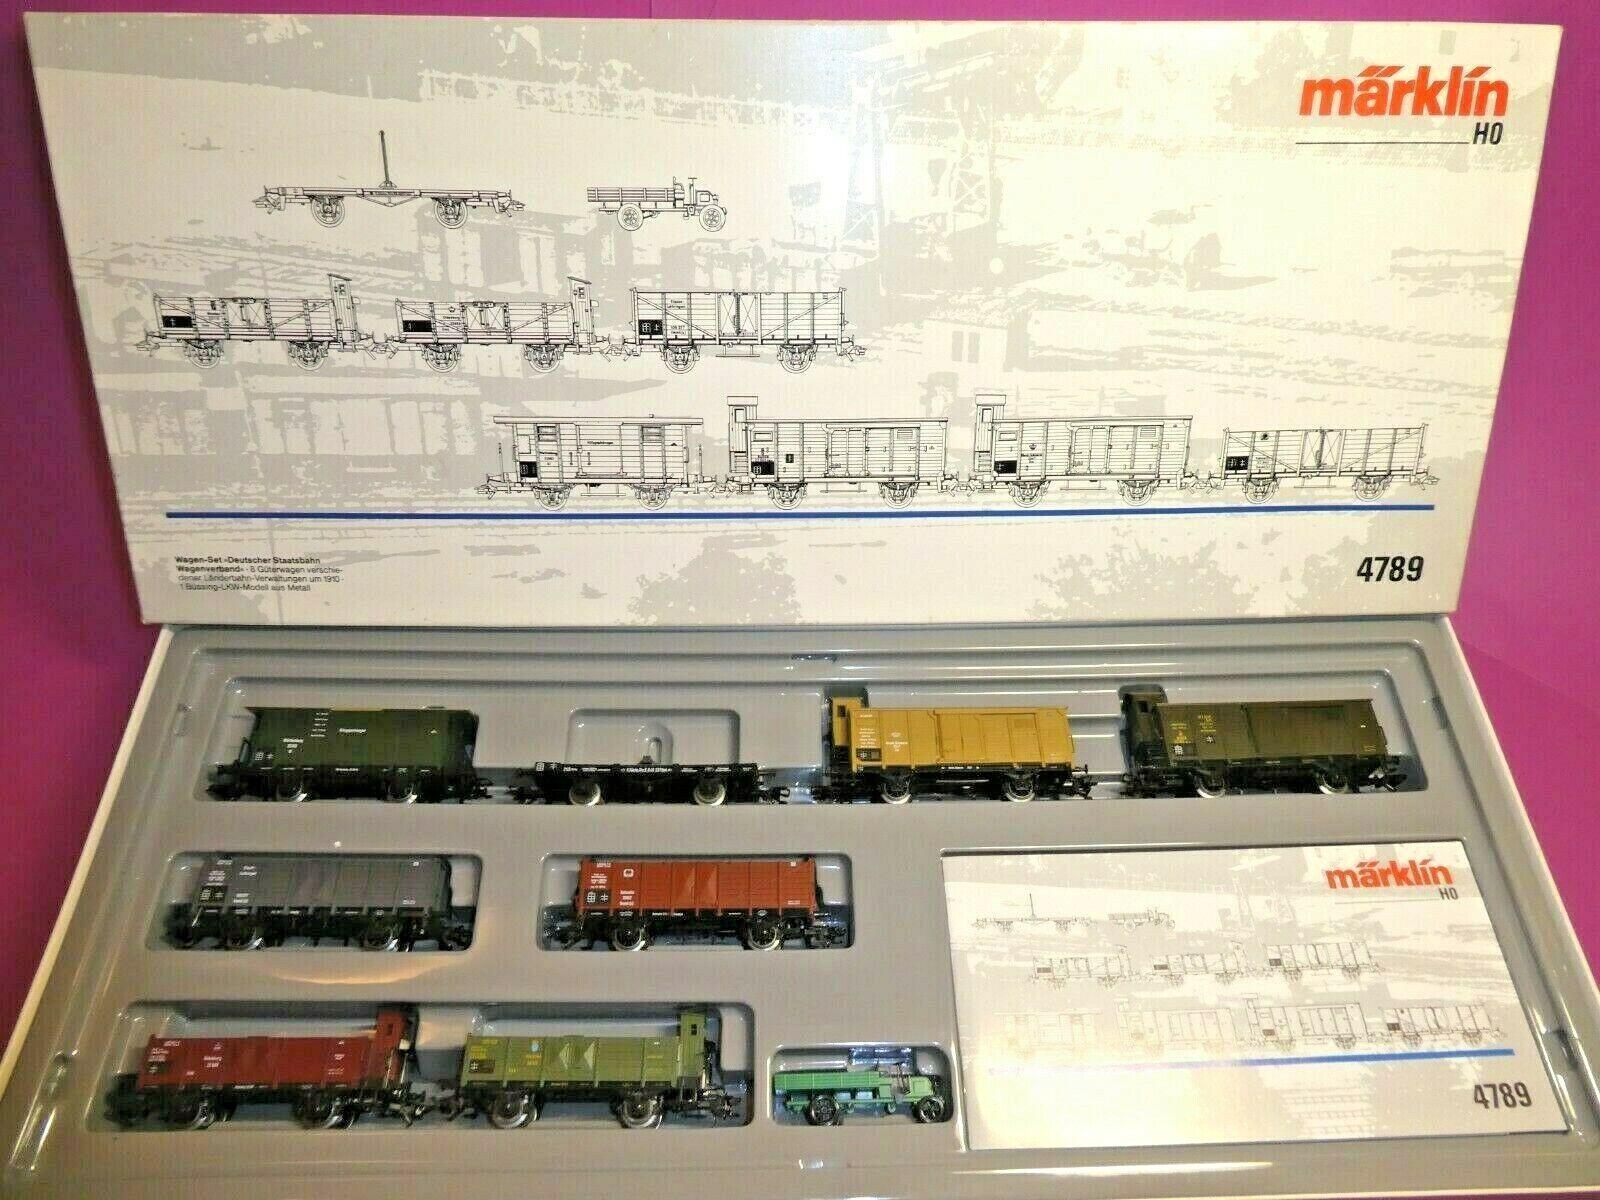 marklin h0 4789  Stato tedesco autoro ferroviario Associazione  autorello-Set